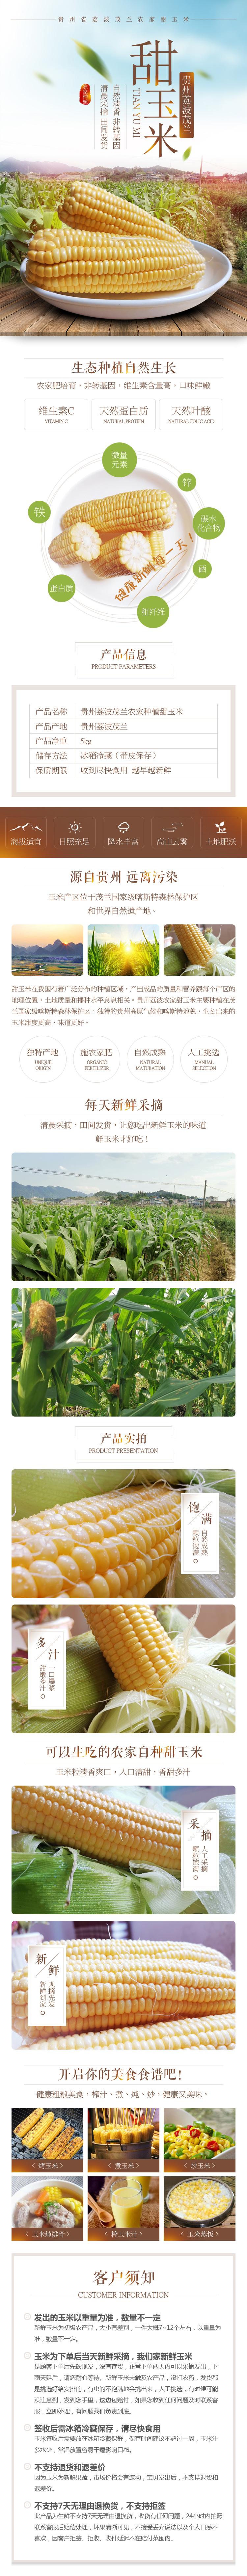 玉米水果土特产食品详情页